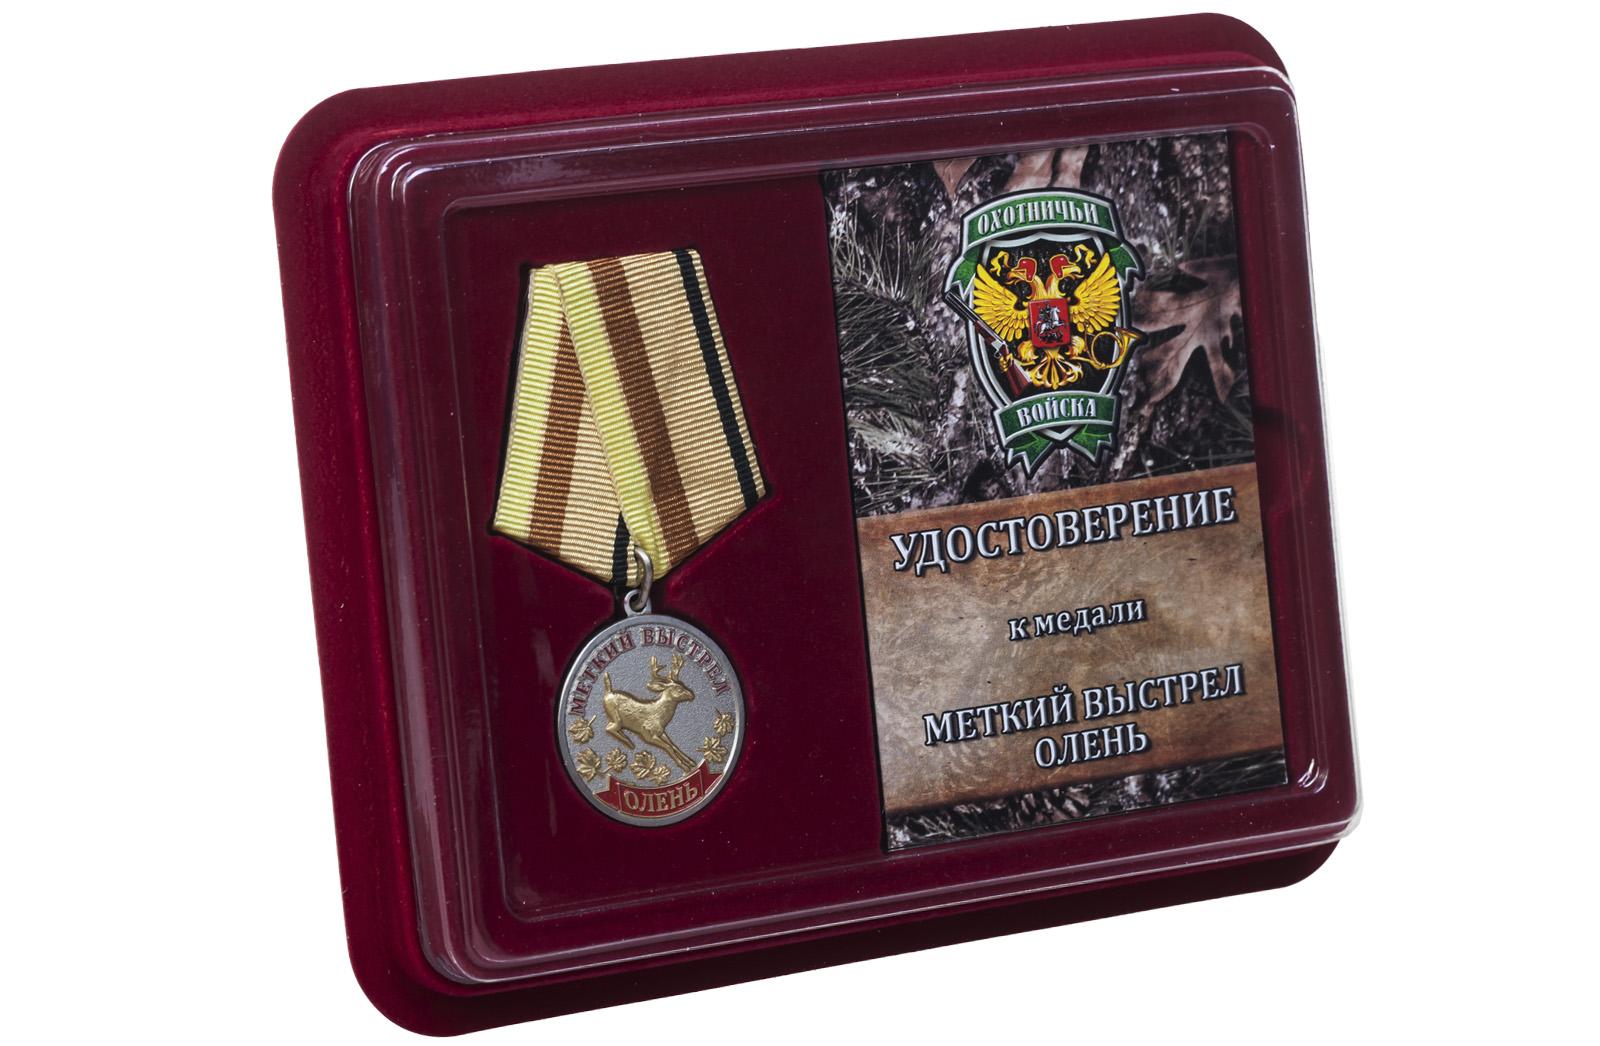 Купить медаль Меткий выстрел Олень онлайн в подарок